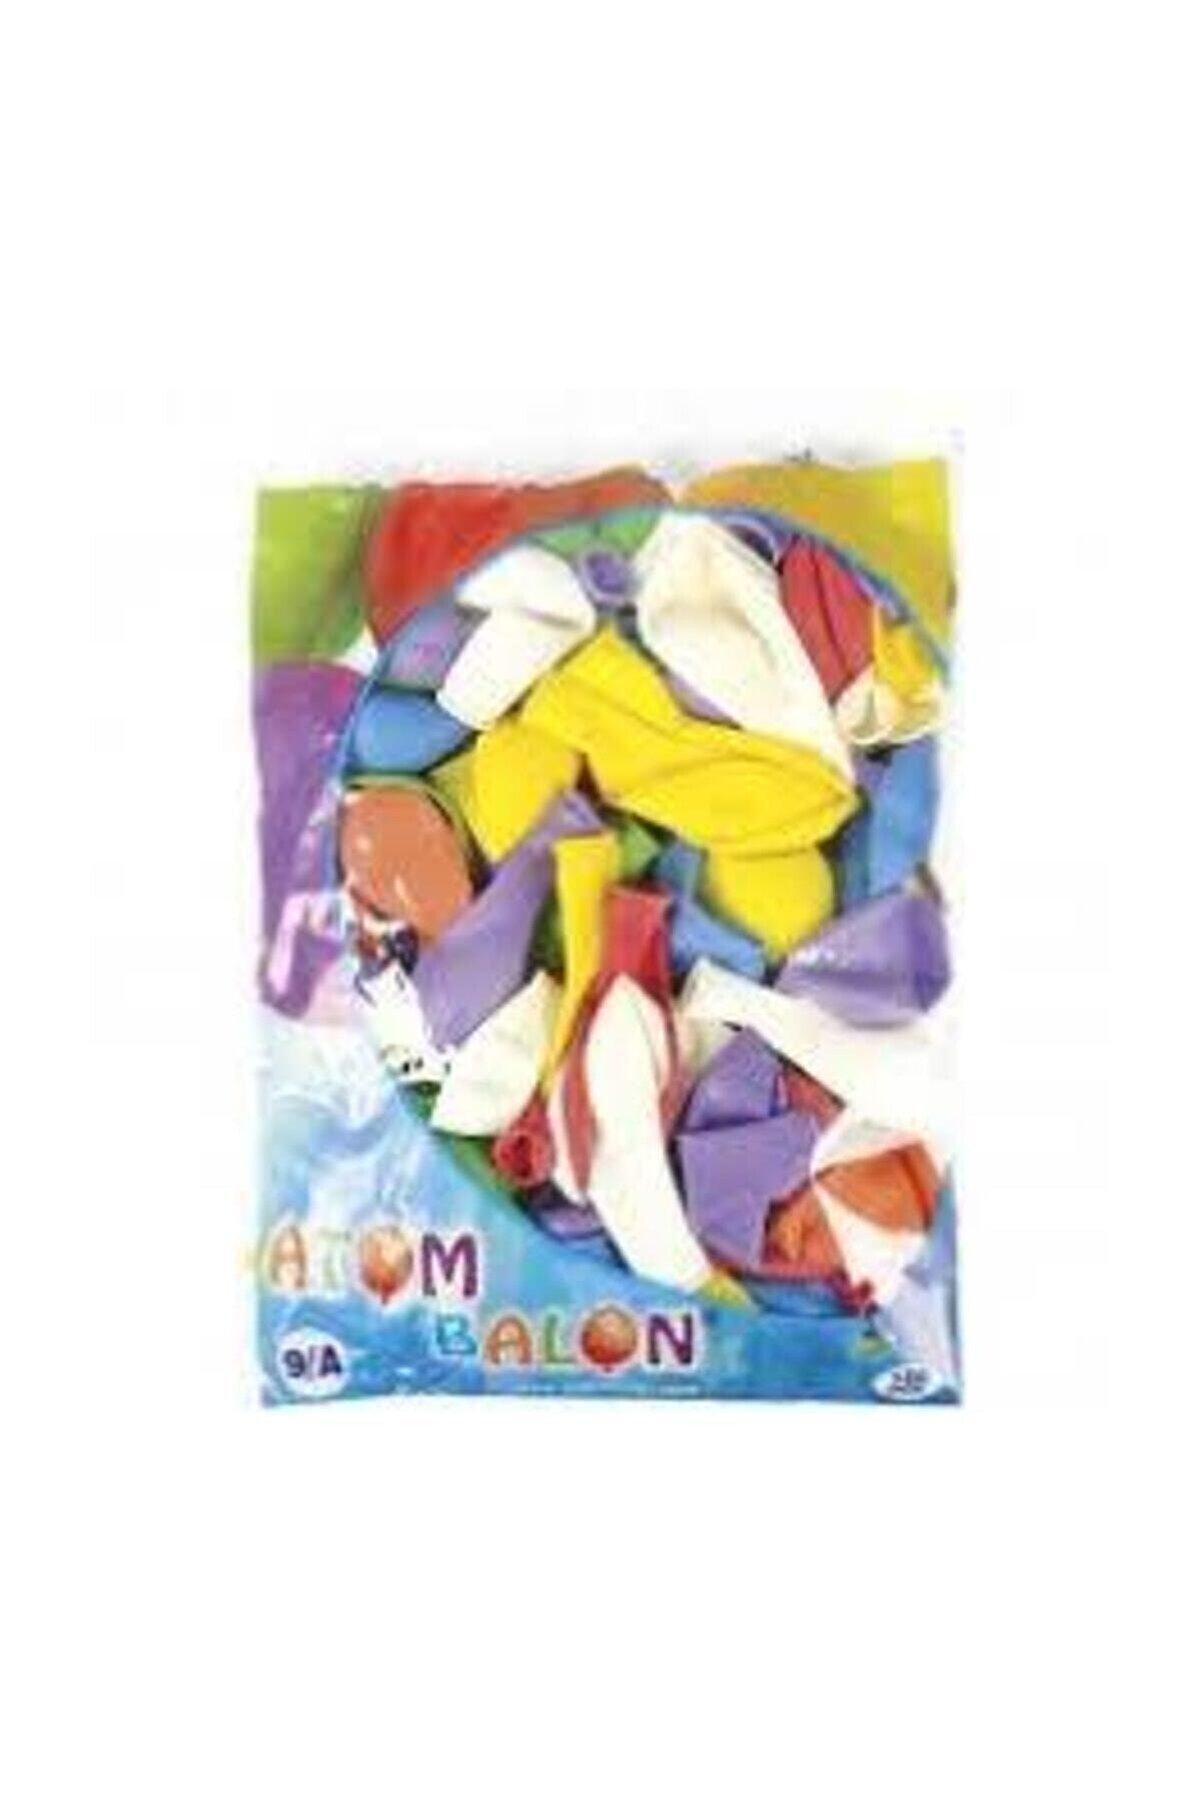 Sivassüsdünyası 9/a Balon Pk-100